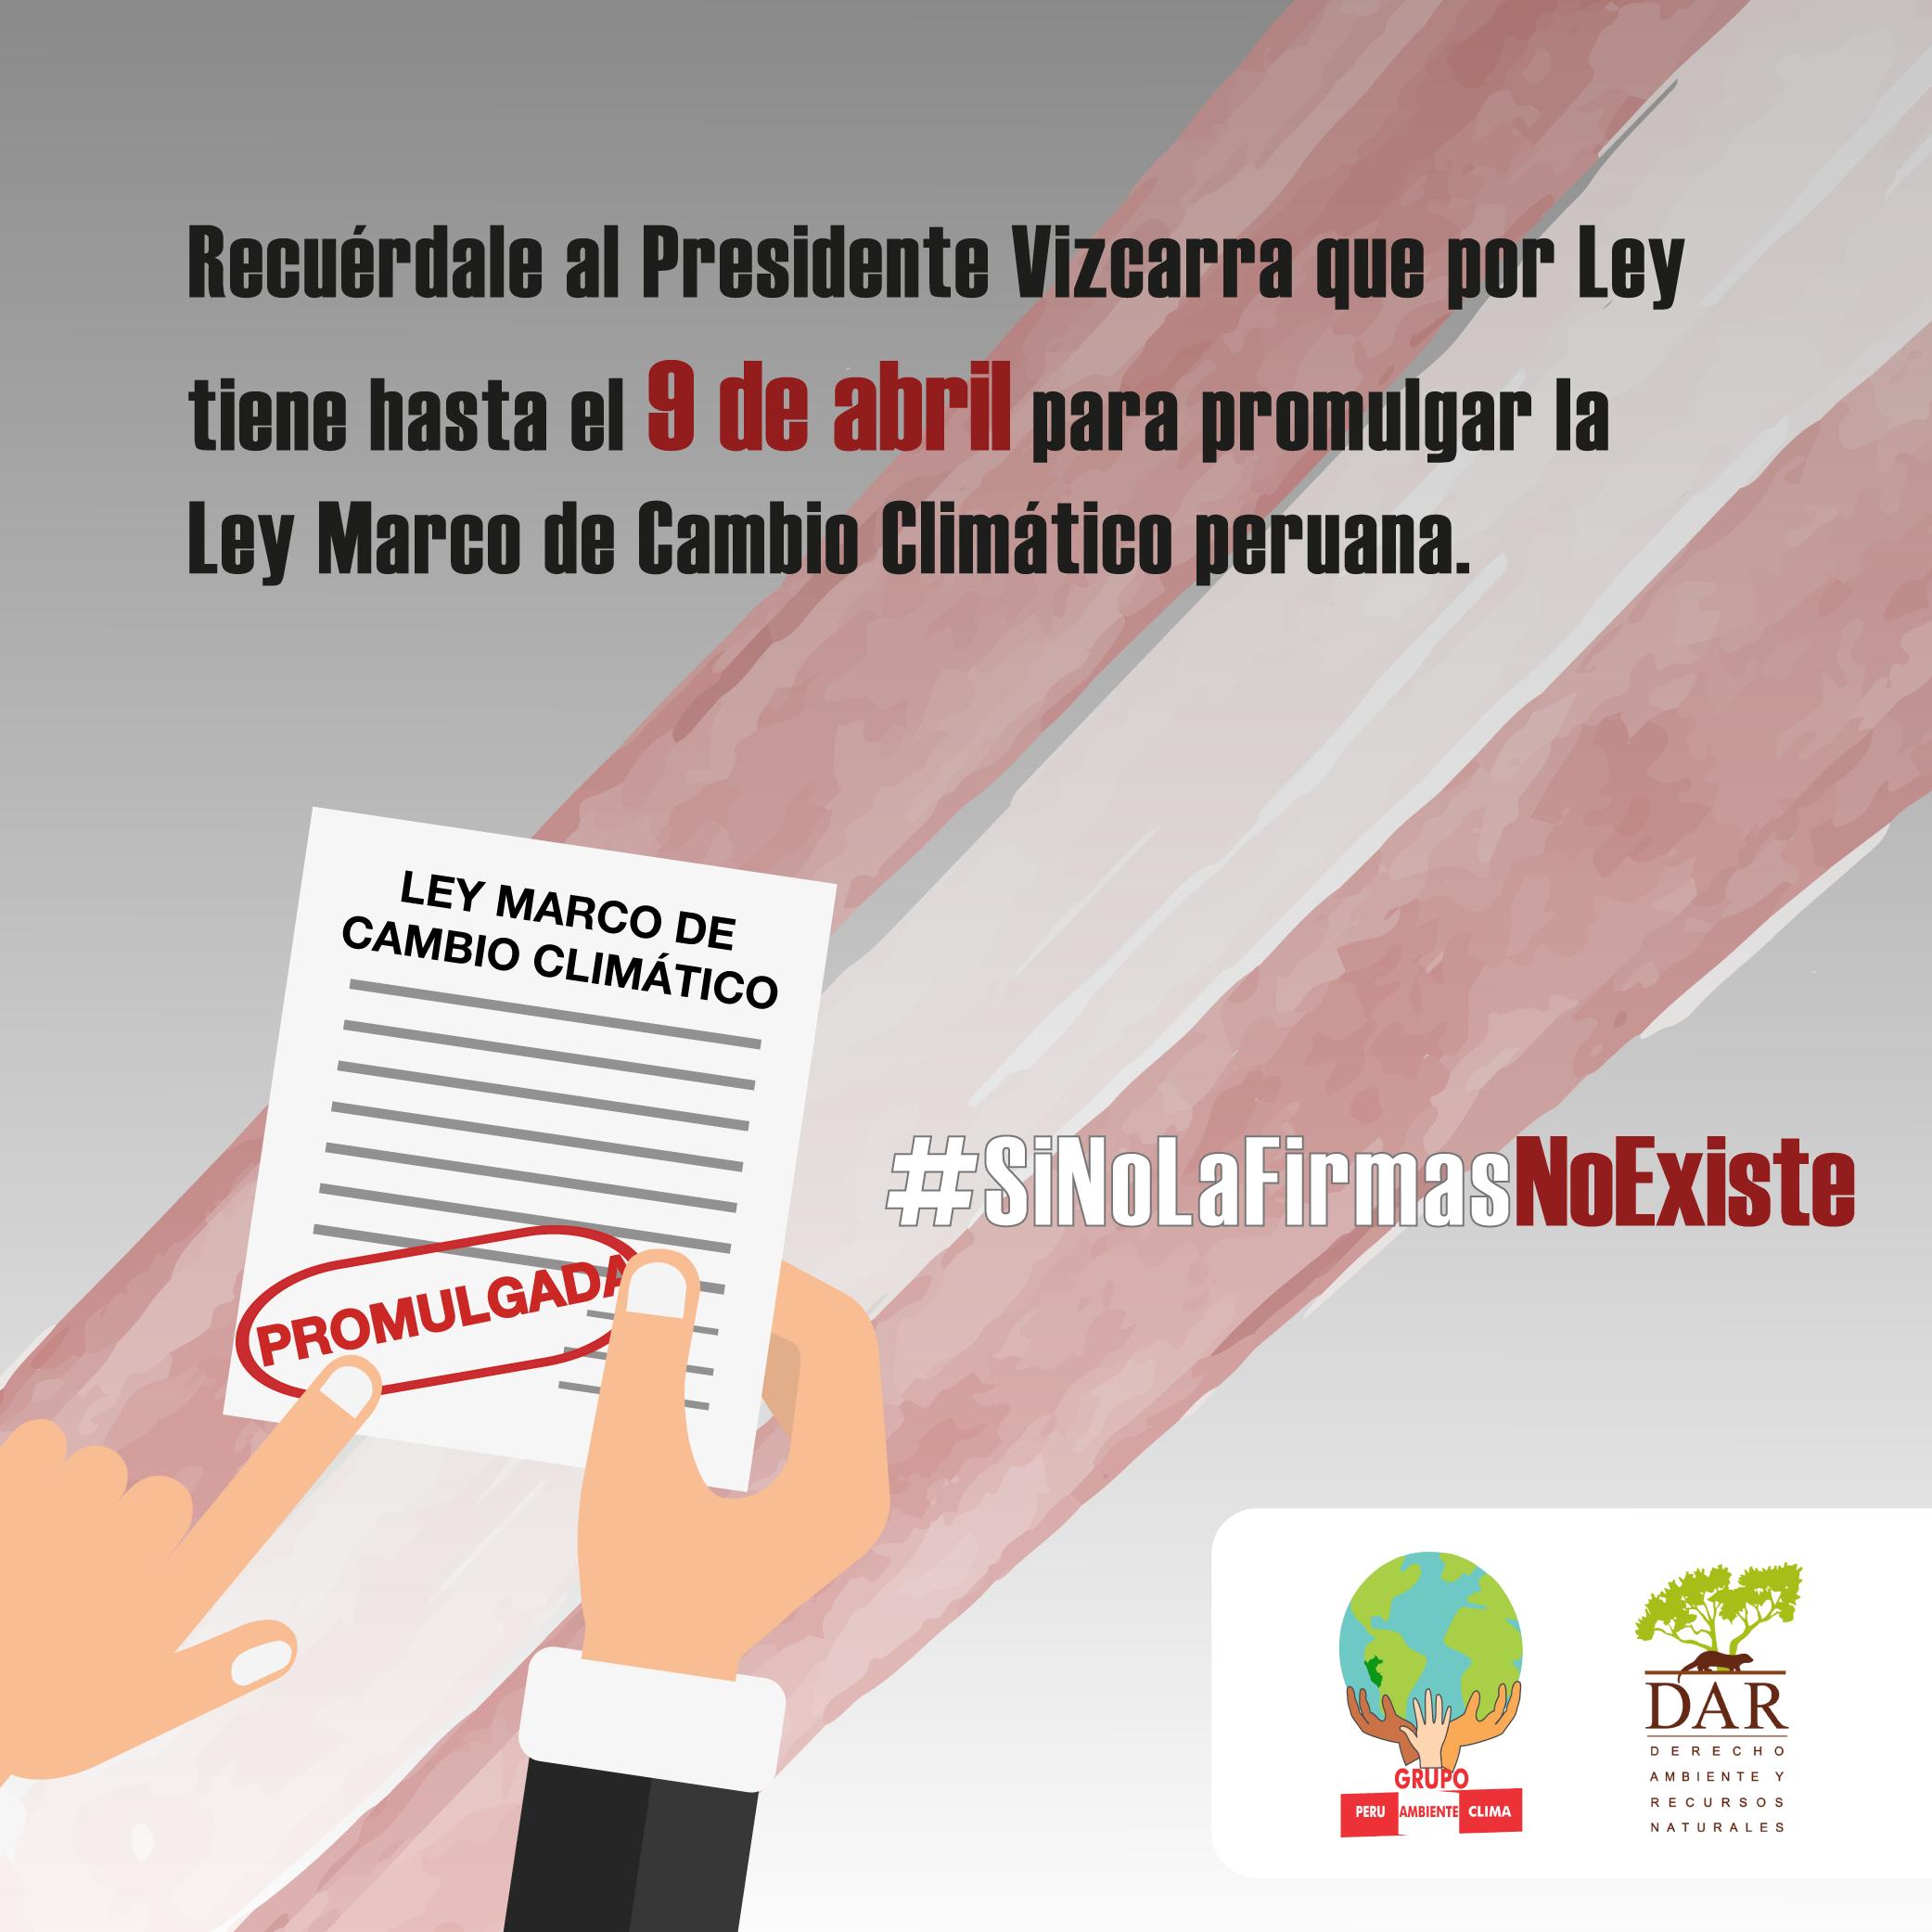 Pide al presidente Vizcarra que promulgue la Ley Marco de Cambio ...